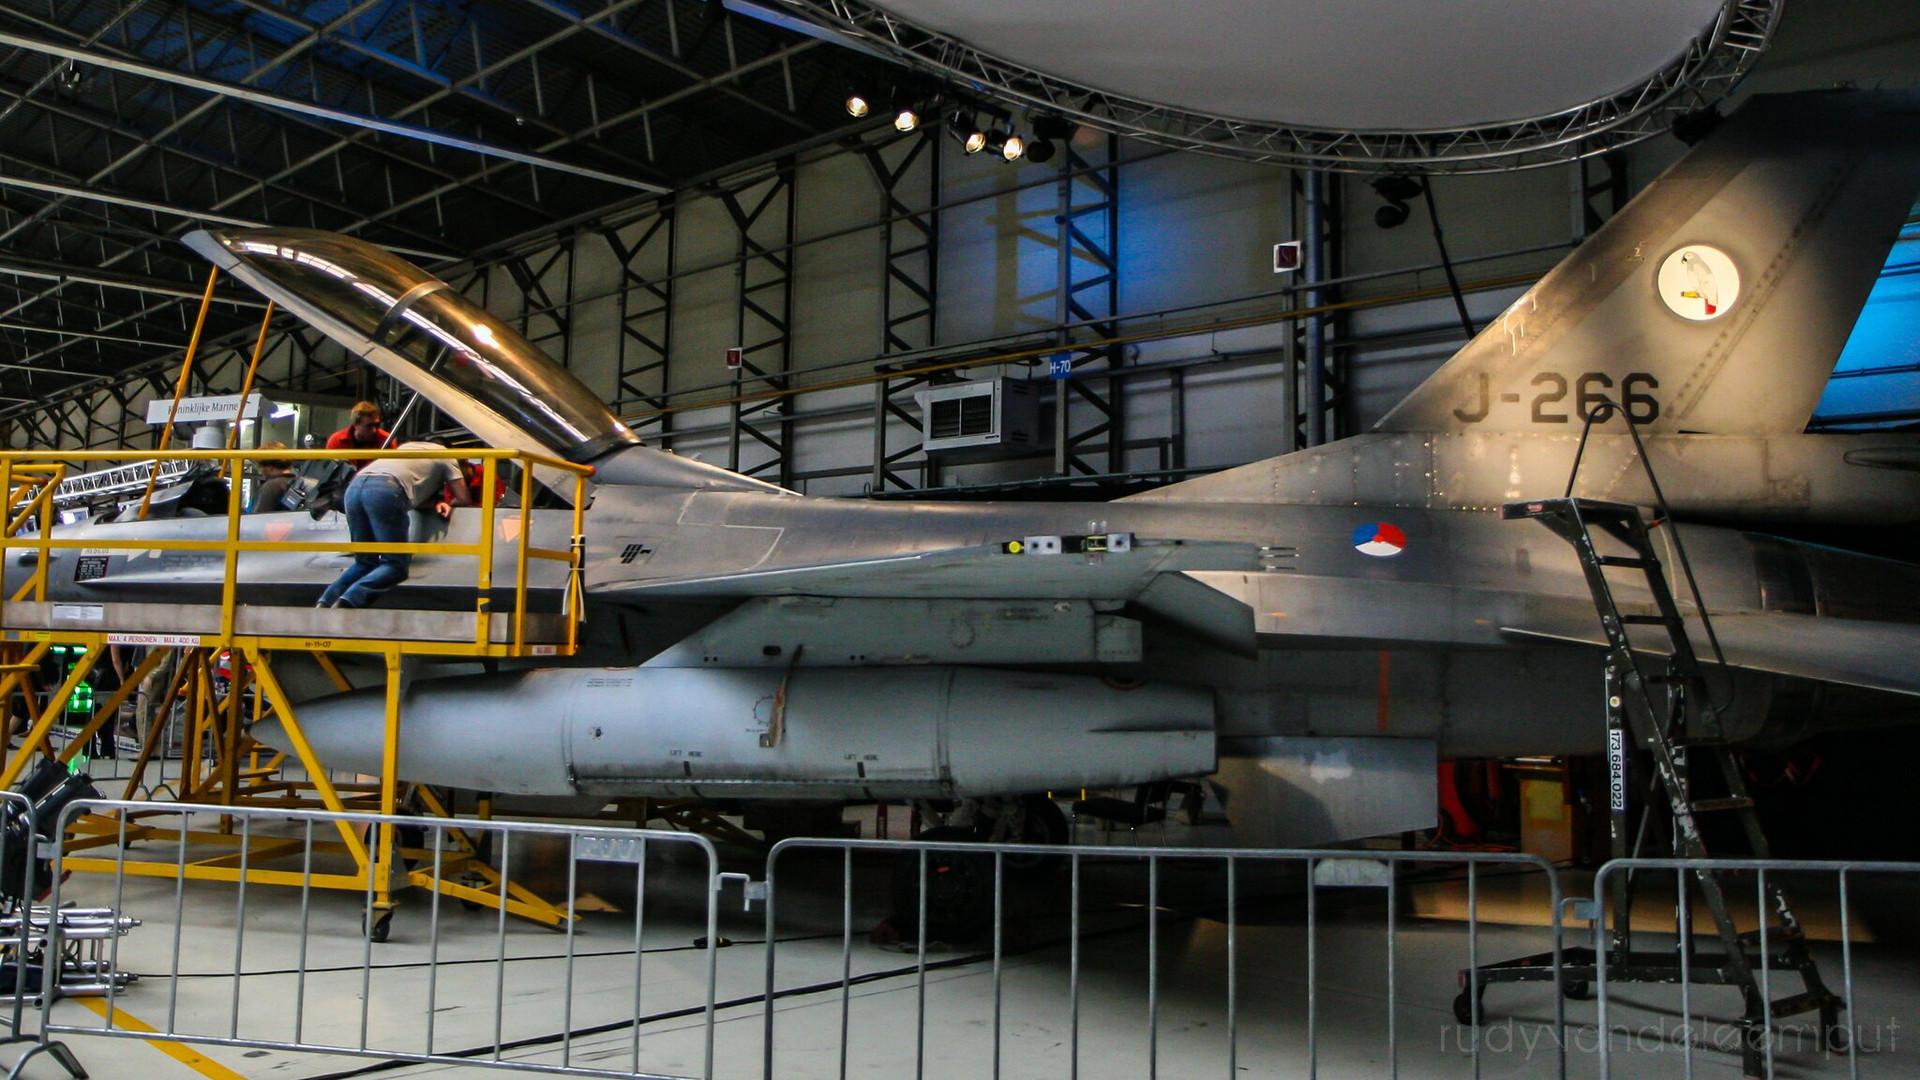 J-266   Build: 1981 - General Dynamics F-16 B Fighting Falcon